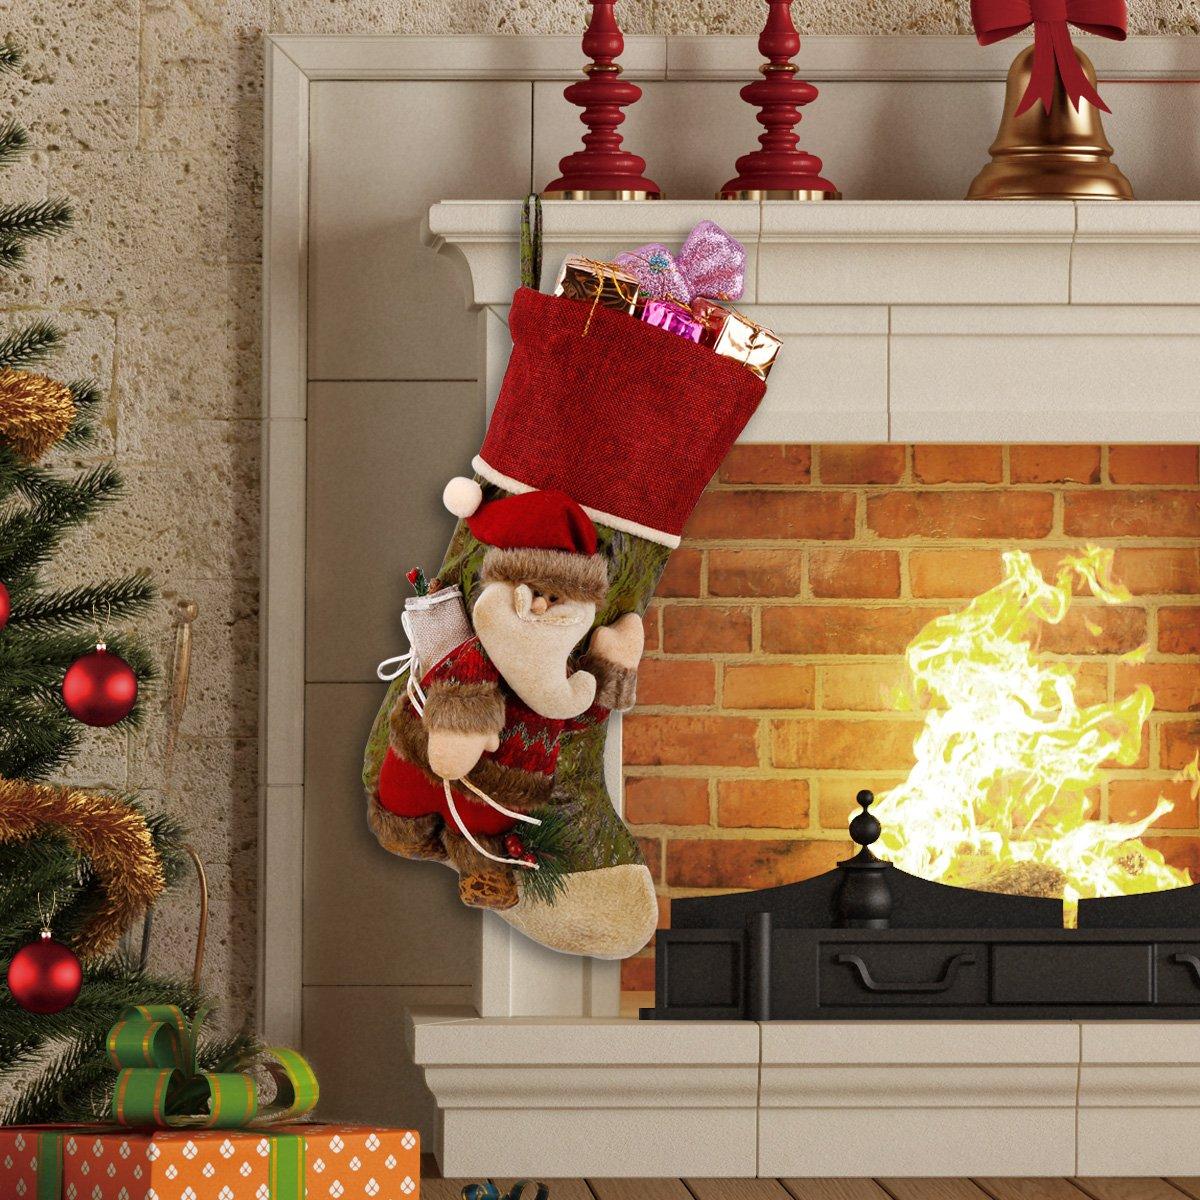 3D Vif Rétro Personnalisé Chaussettes de Noël Décoration de la Maison Arbre de Noël Cheminée Suspension Nouvel An Chaussettes de Noël Bonbon de Christmas Présent Décoration Chaussettes Sac (Père Noël)